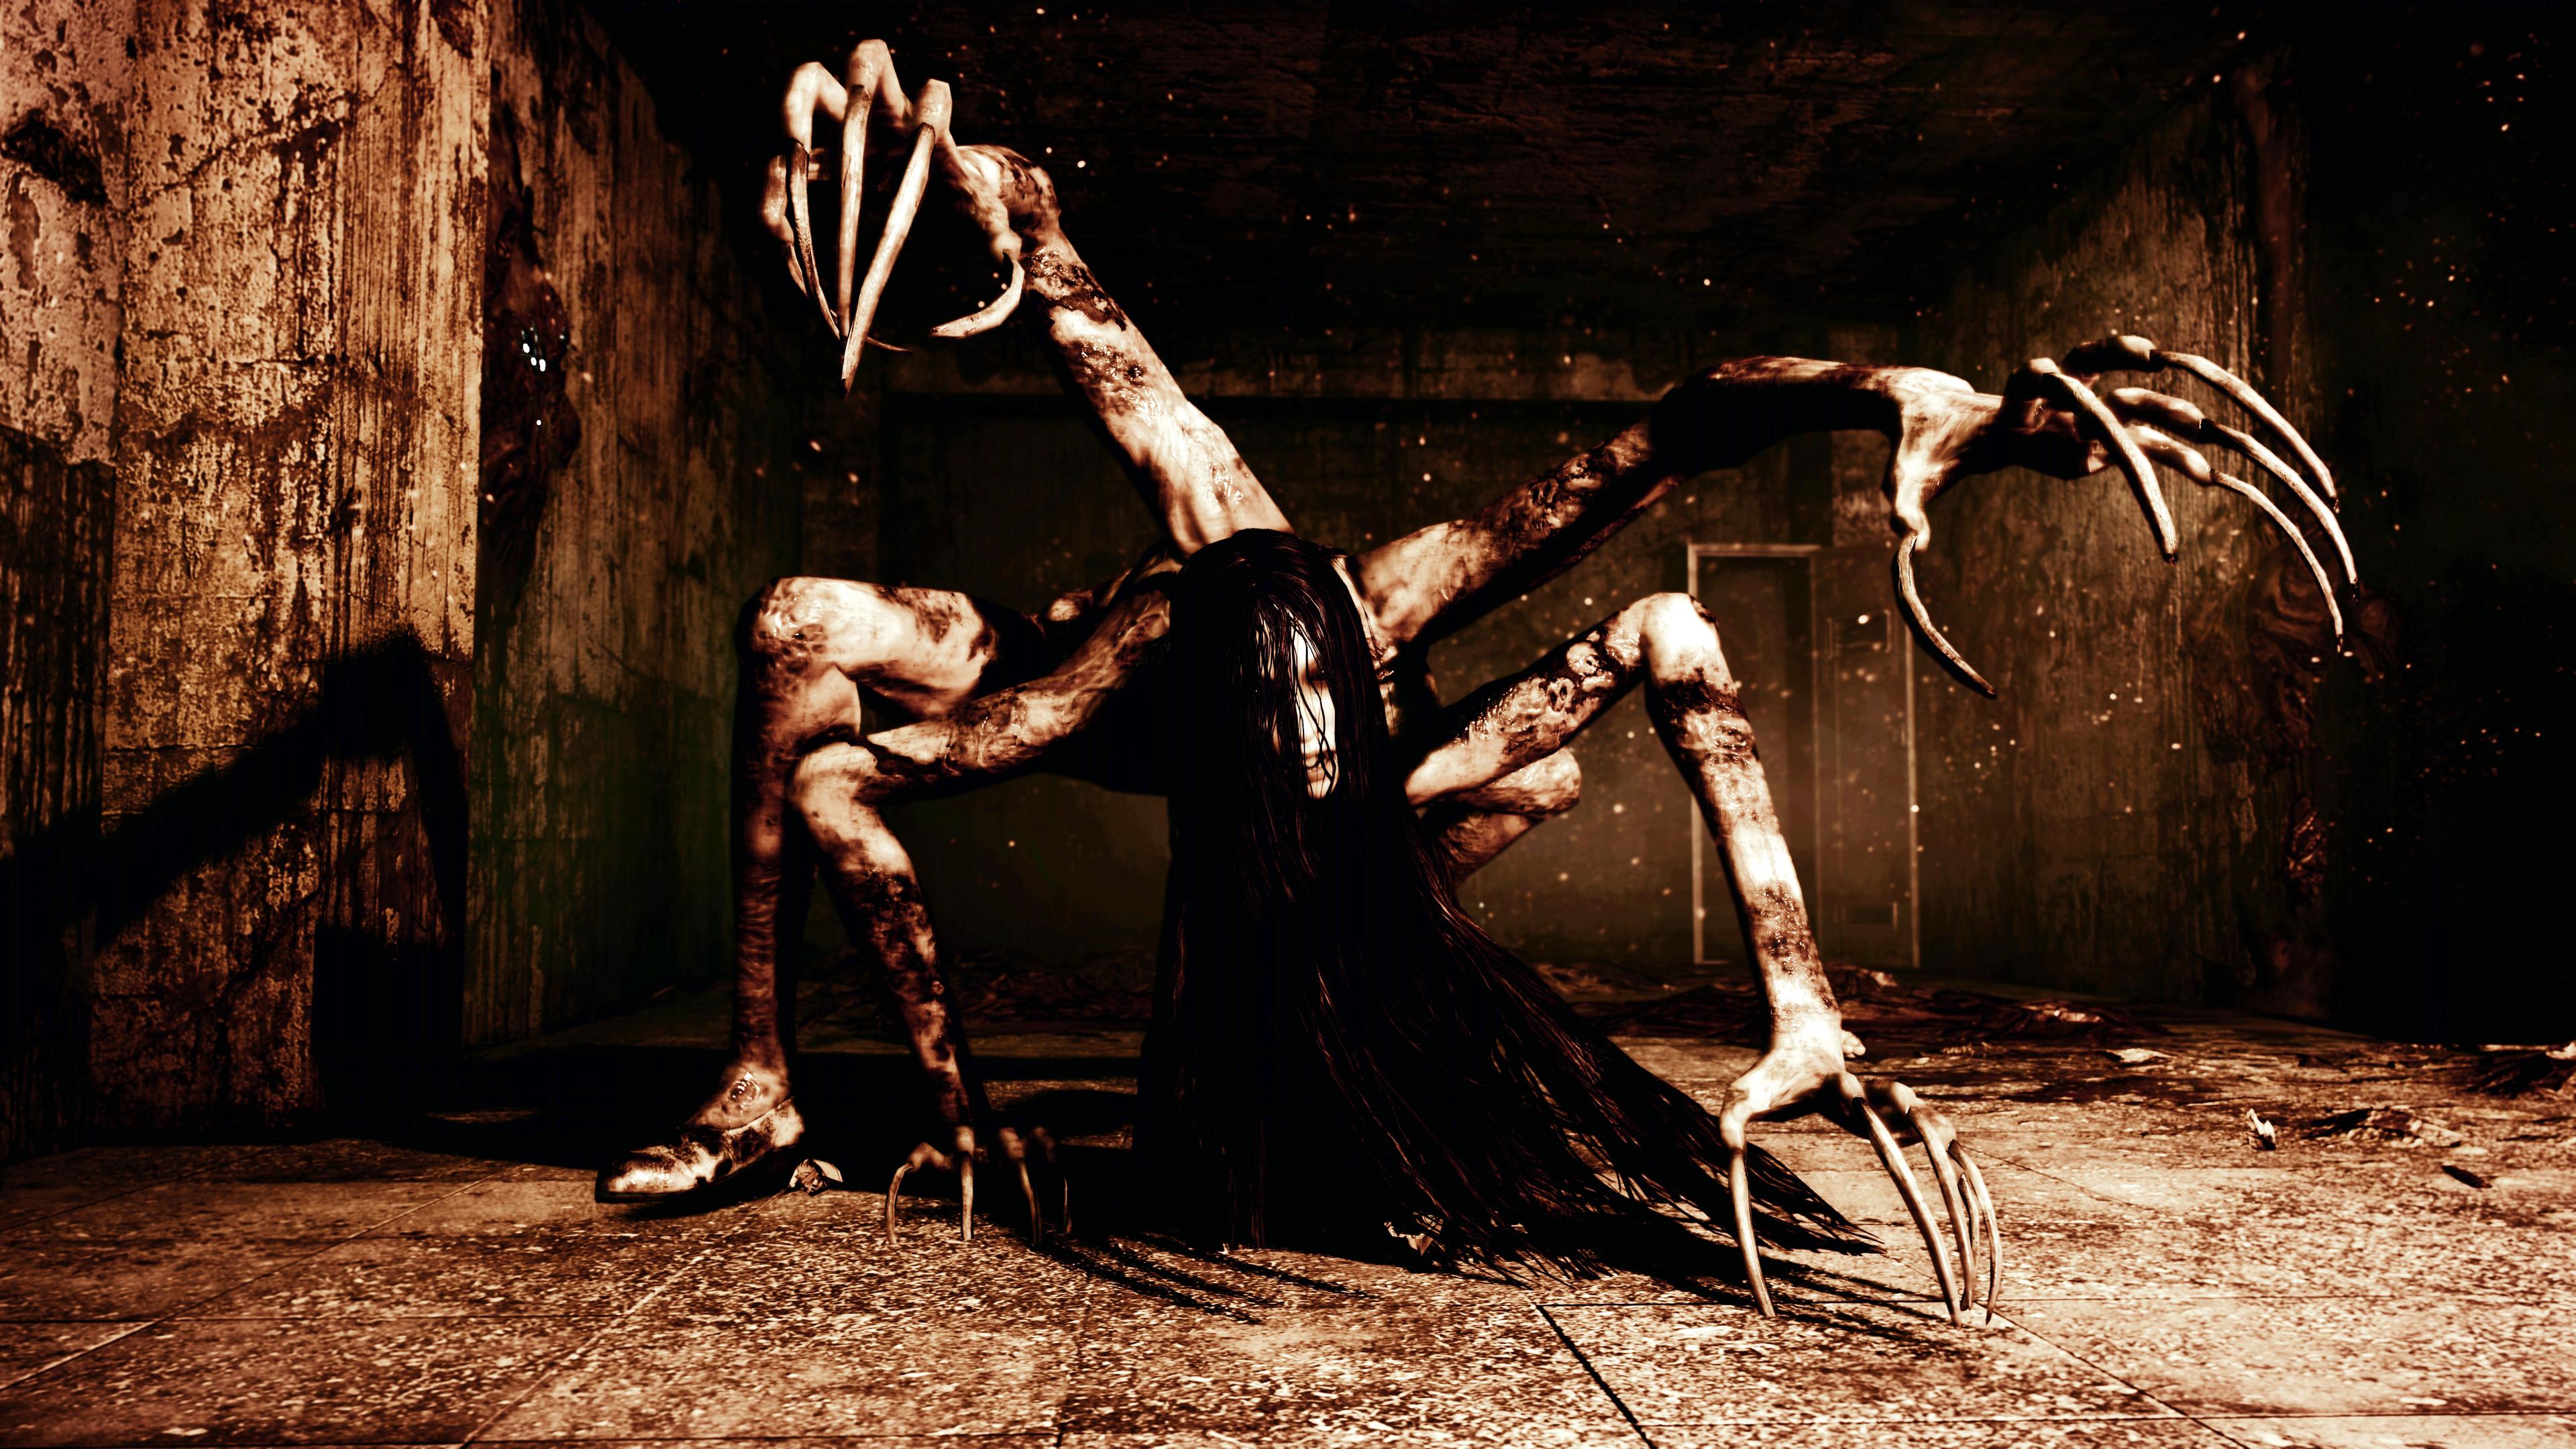 evilwithin2015-08-041ybrcx.jpg